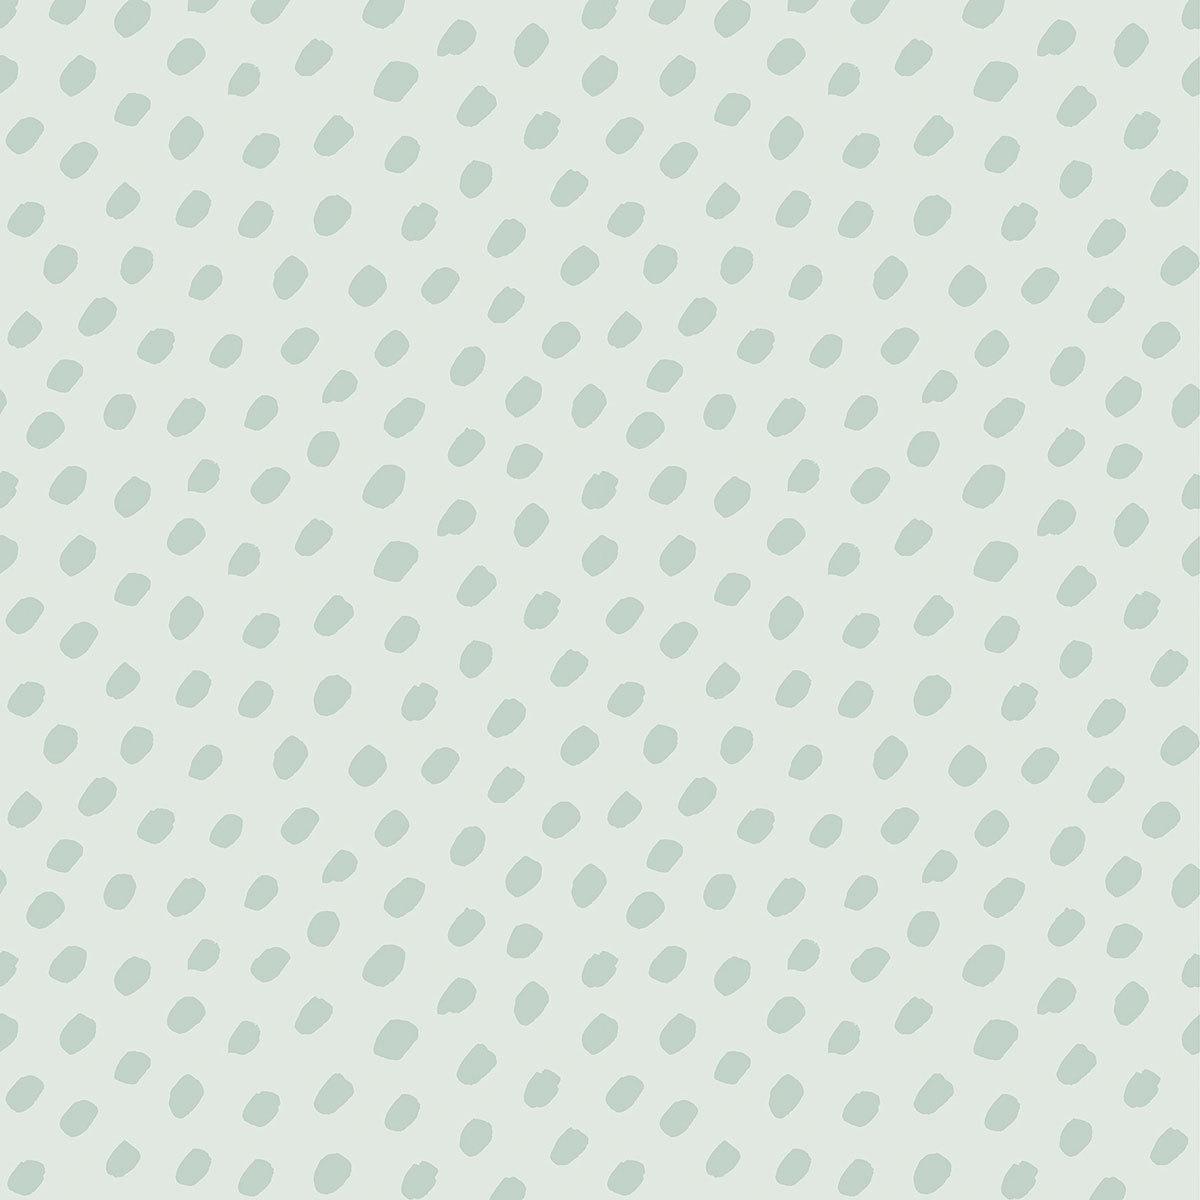 Papier peint Australia - Papier Peint - Motif Tâches Vertes, Fond Vert Australia - Papier Peint - Motif Tâches Vertes, Fond Vert